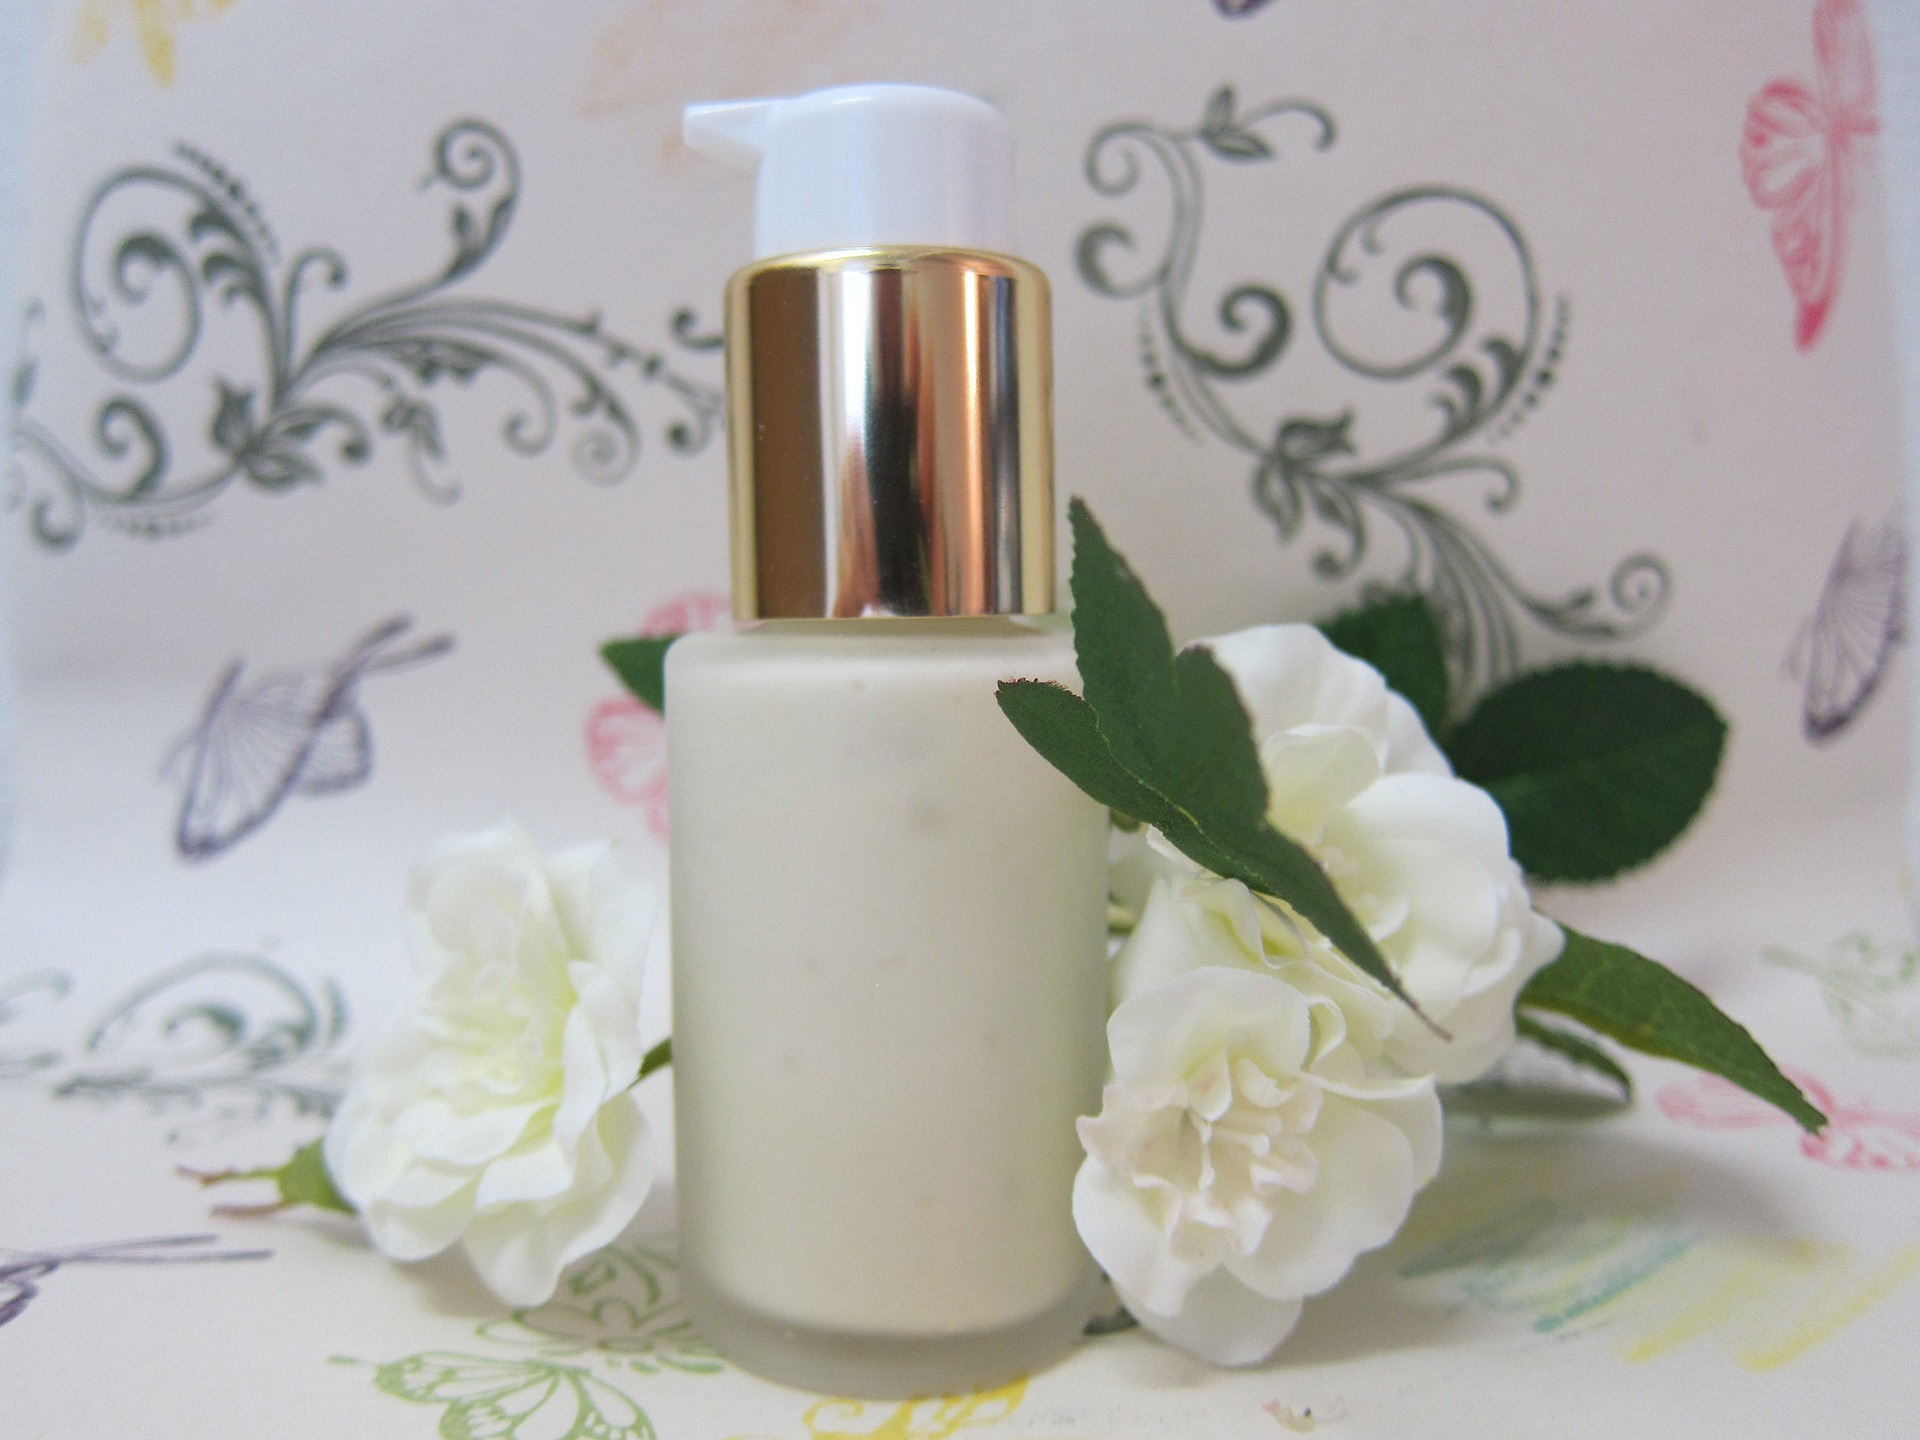 easy skin detox tips